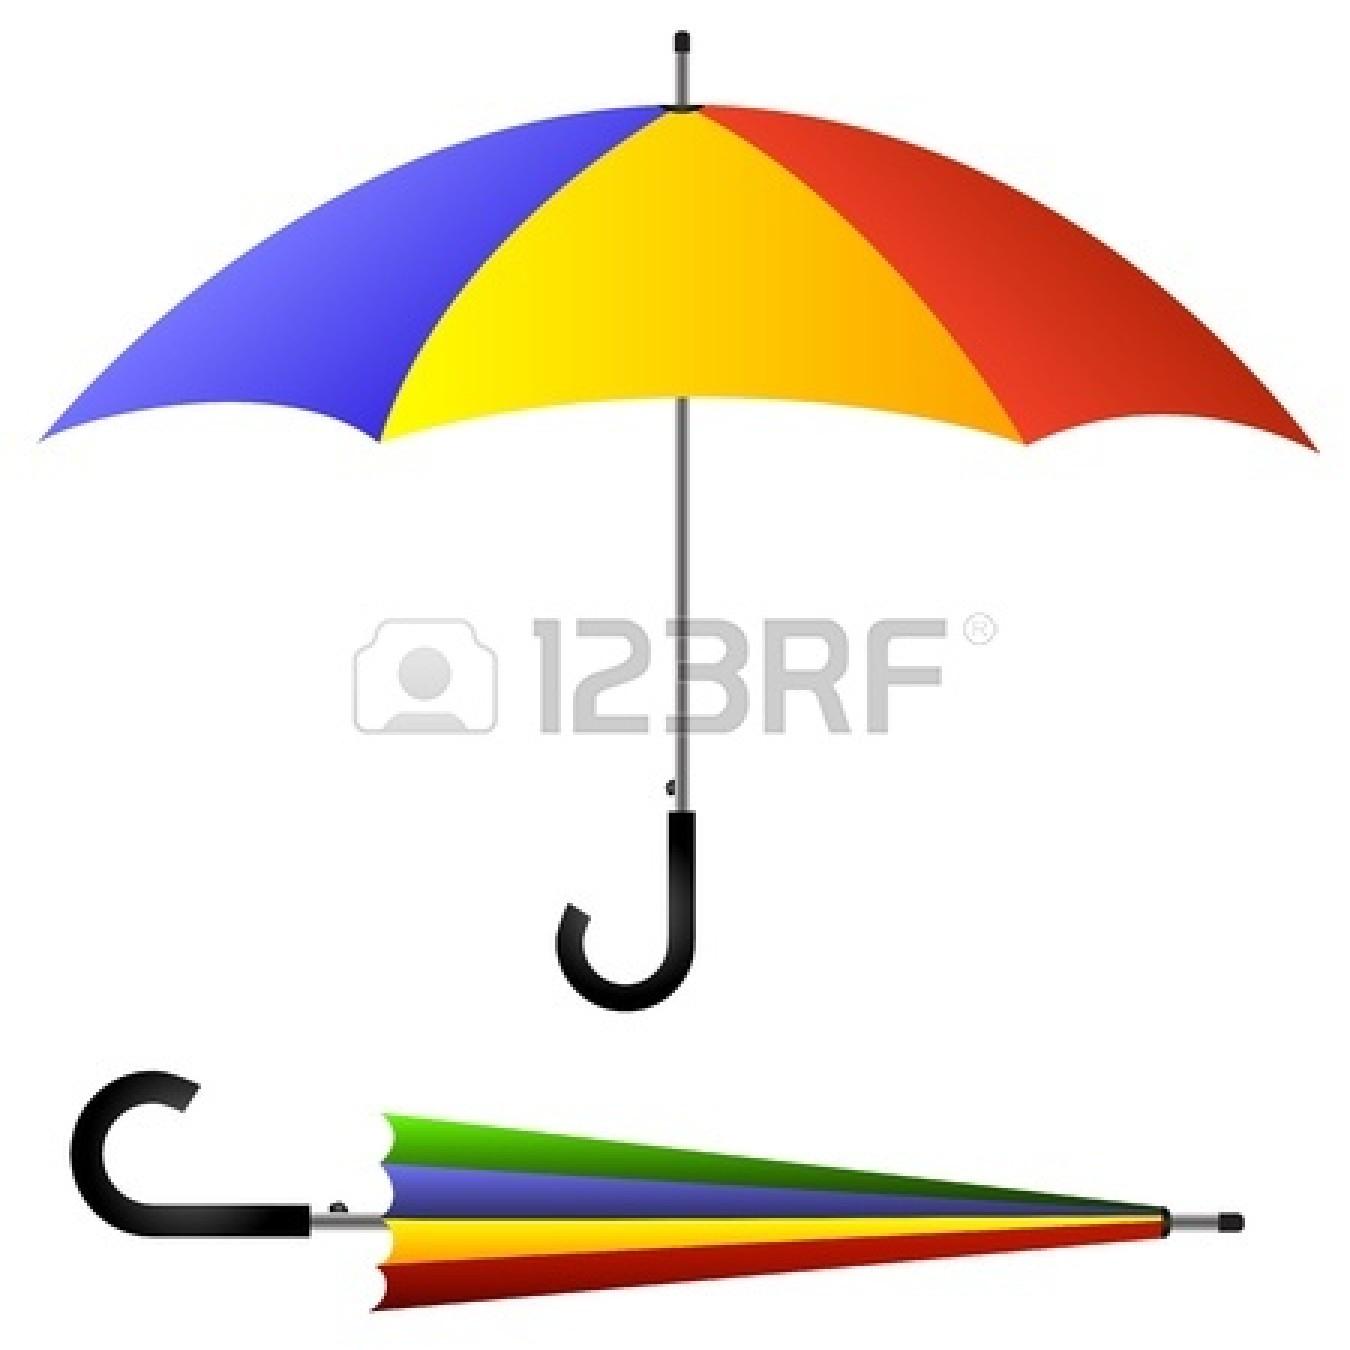 Closed Umbrella Sketch | Clipart Panda - Free Clipart Images